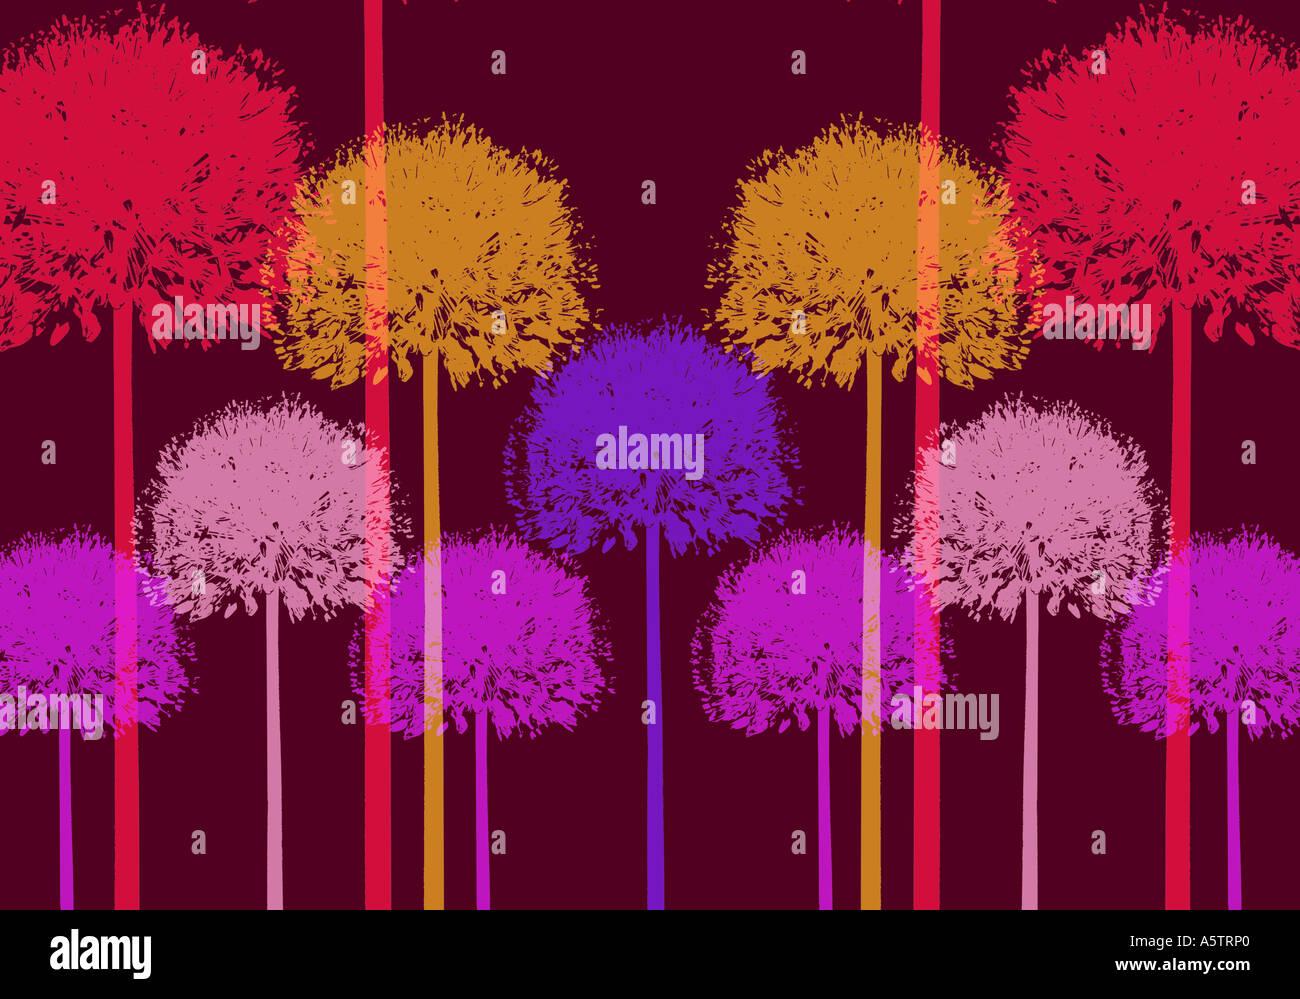 El patrón gráfico - Allium ilustración Foto de stock